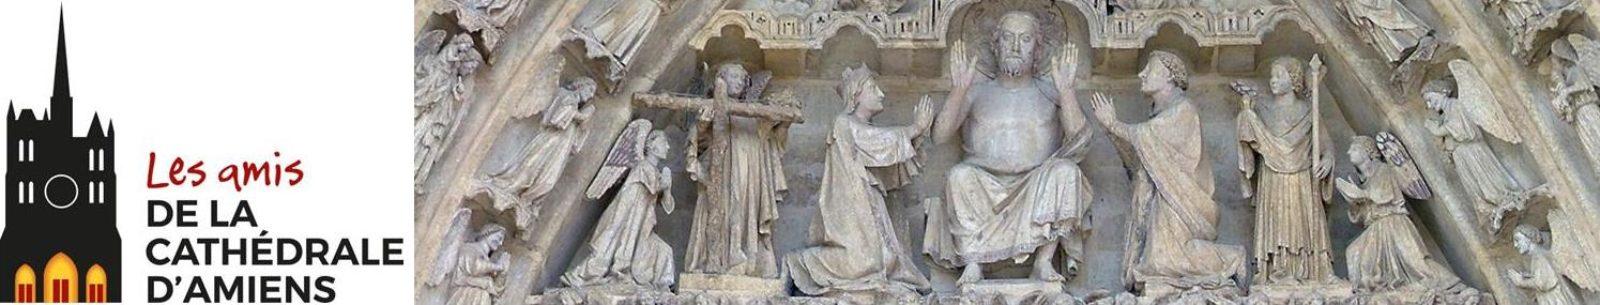 Les Vitraux Société Des Amis De La Cathédrale Damiens